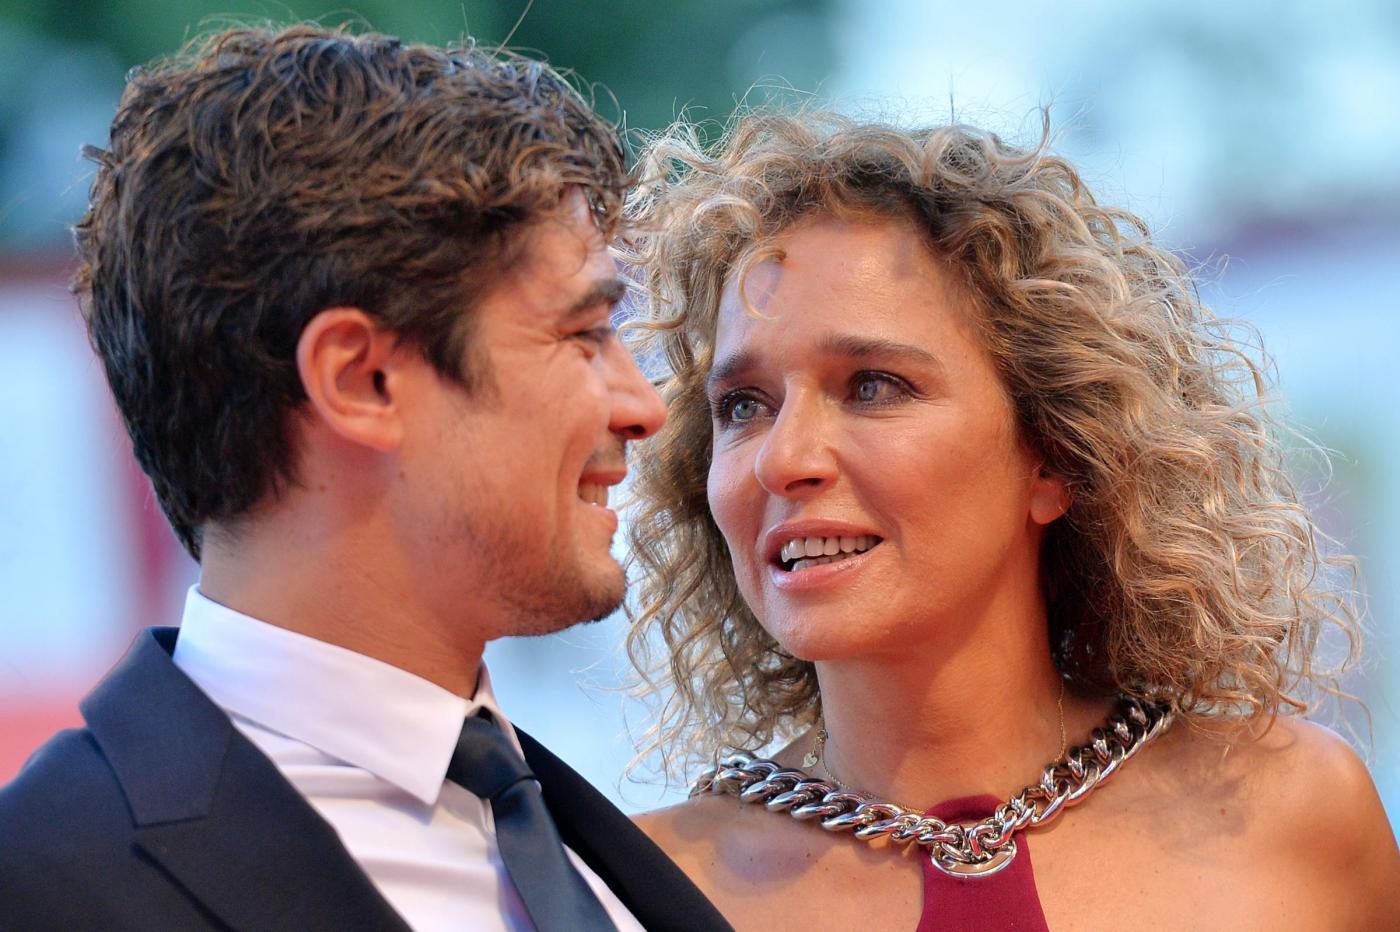 Riccardo Scamarcio e Valeria Golino, l'attore: 'Mi piace perché è una ragazzina'